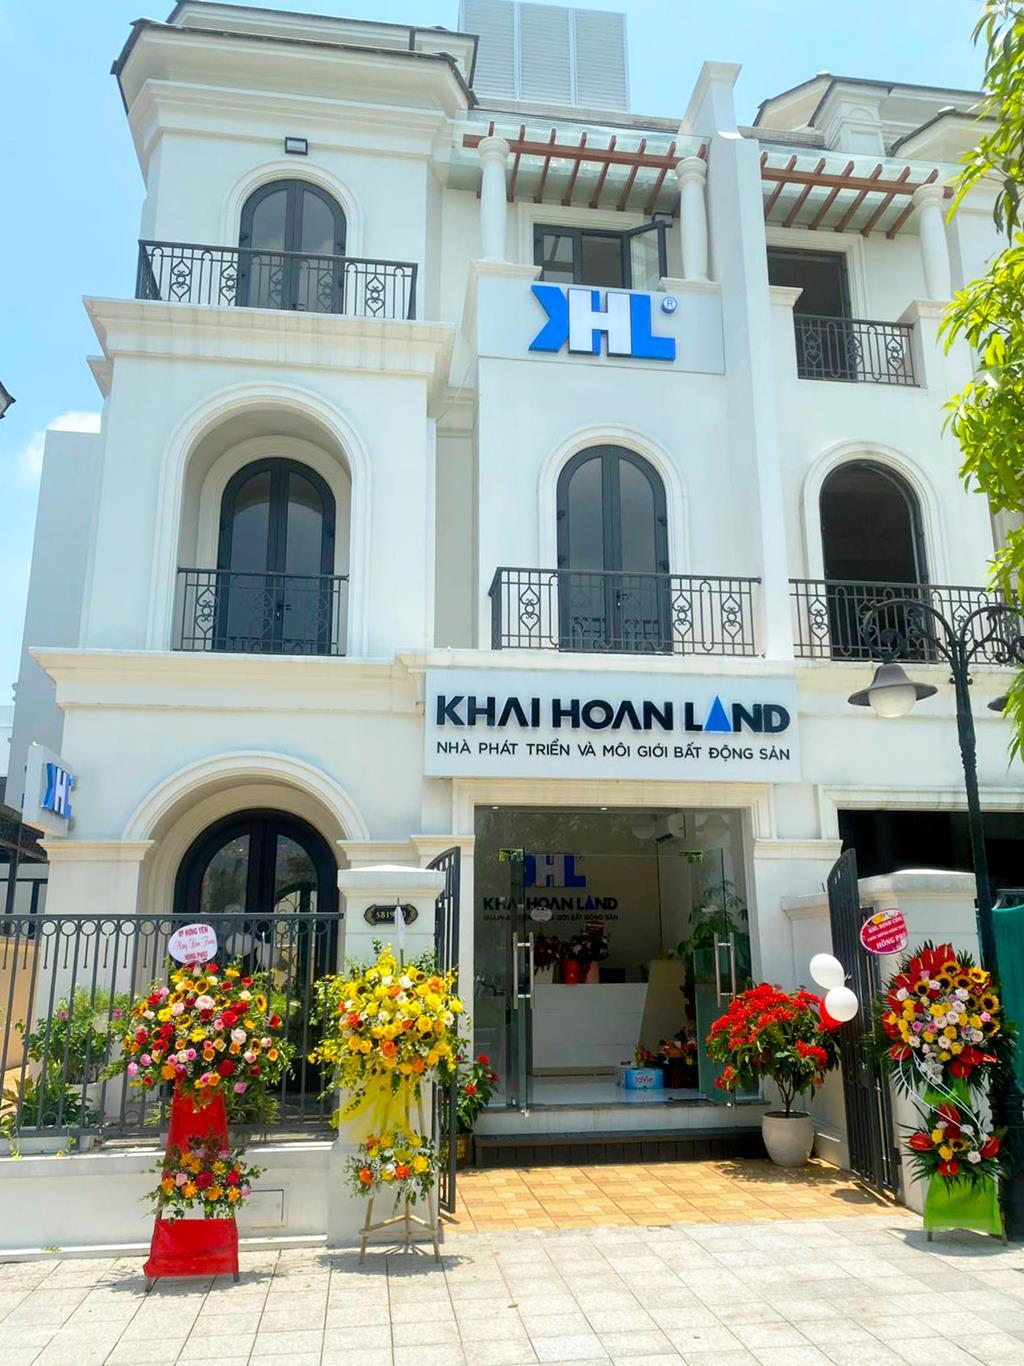 Khải Hoàn Land hân hoan chào đón Chi nhánh quy mô tập trung Ocean Park - Hà Nội